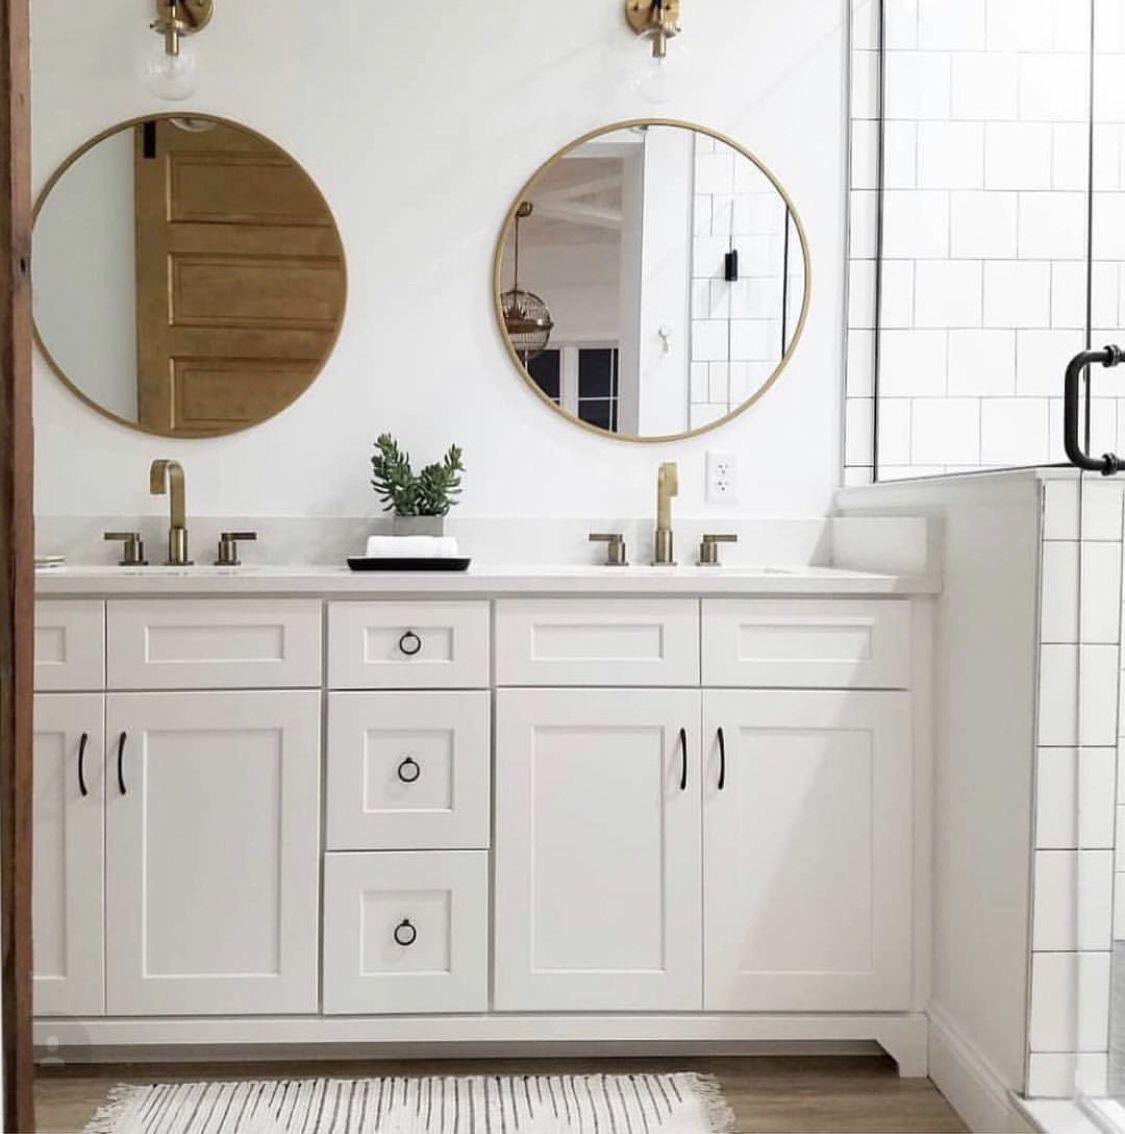 Senya Gold Leaf Round Mirror Round Mirror Bathroom Bathroom Mirror Bathroom Decor